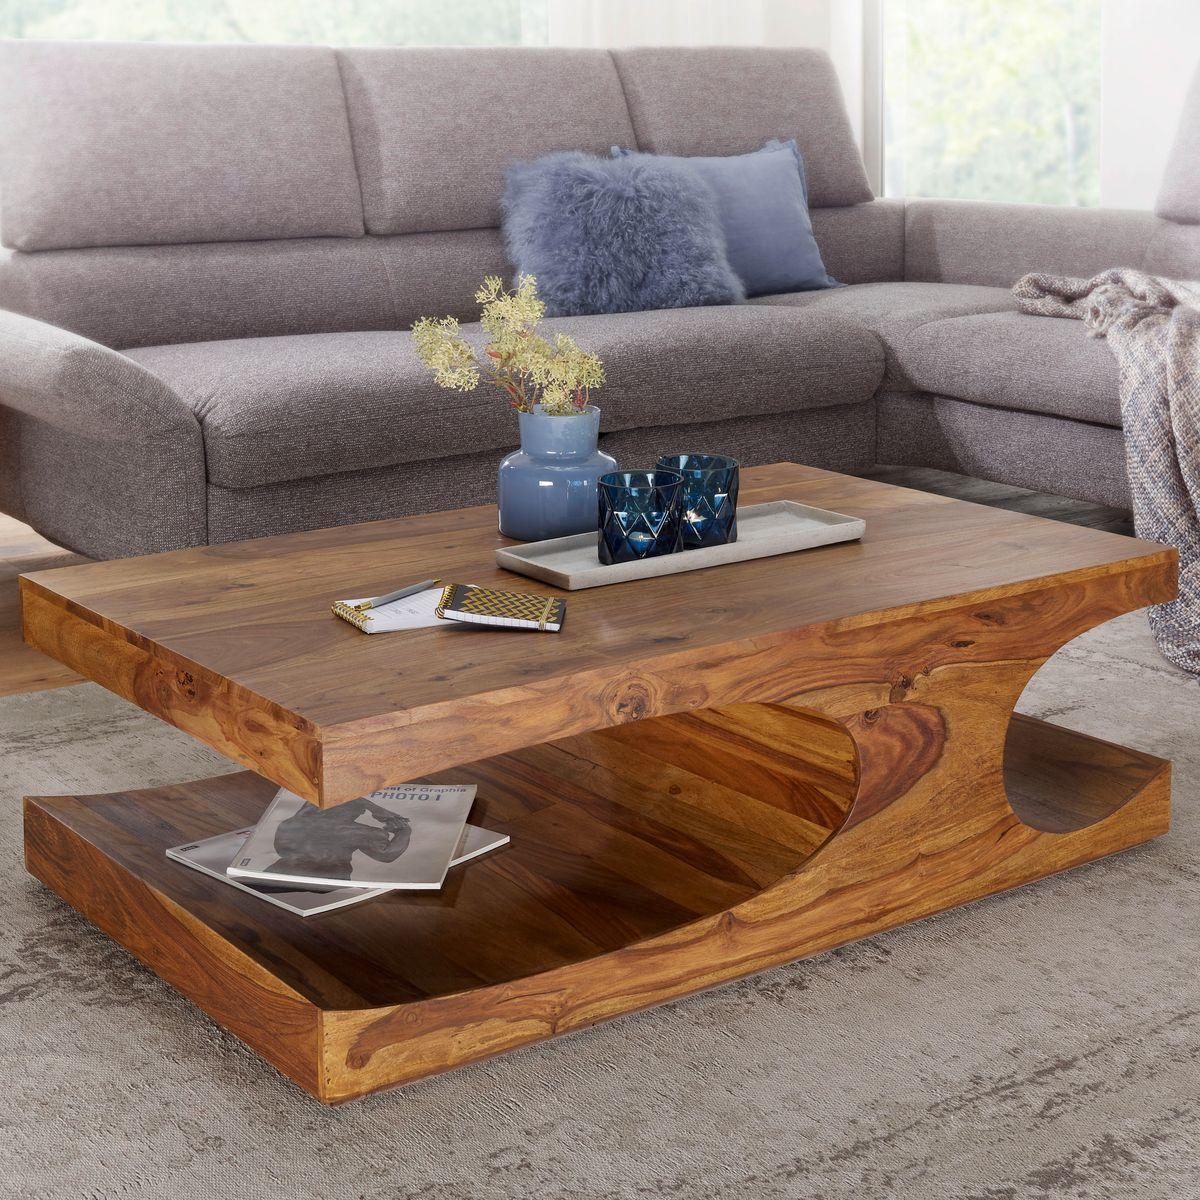 Free Finebuy Couchtisch Massivholz Cm Breit Design Braun With Couchtisch  Massivholz Design